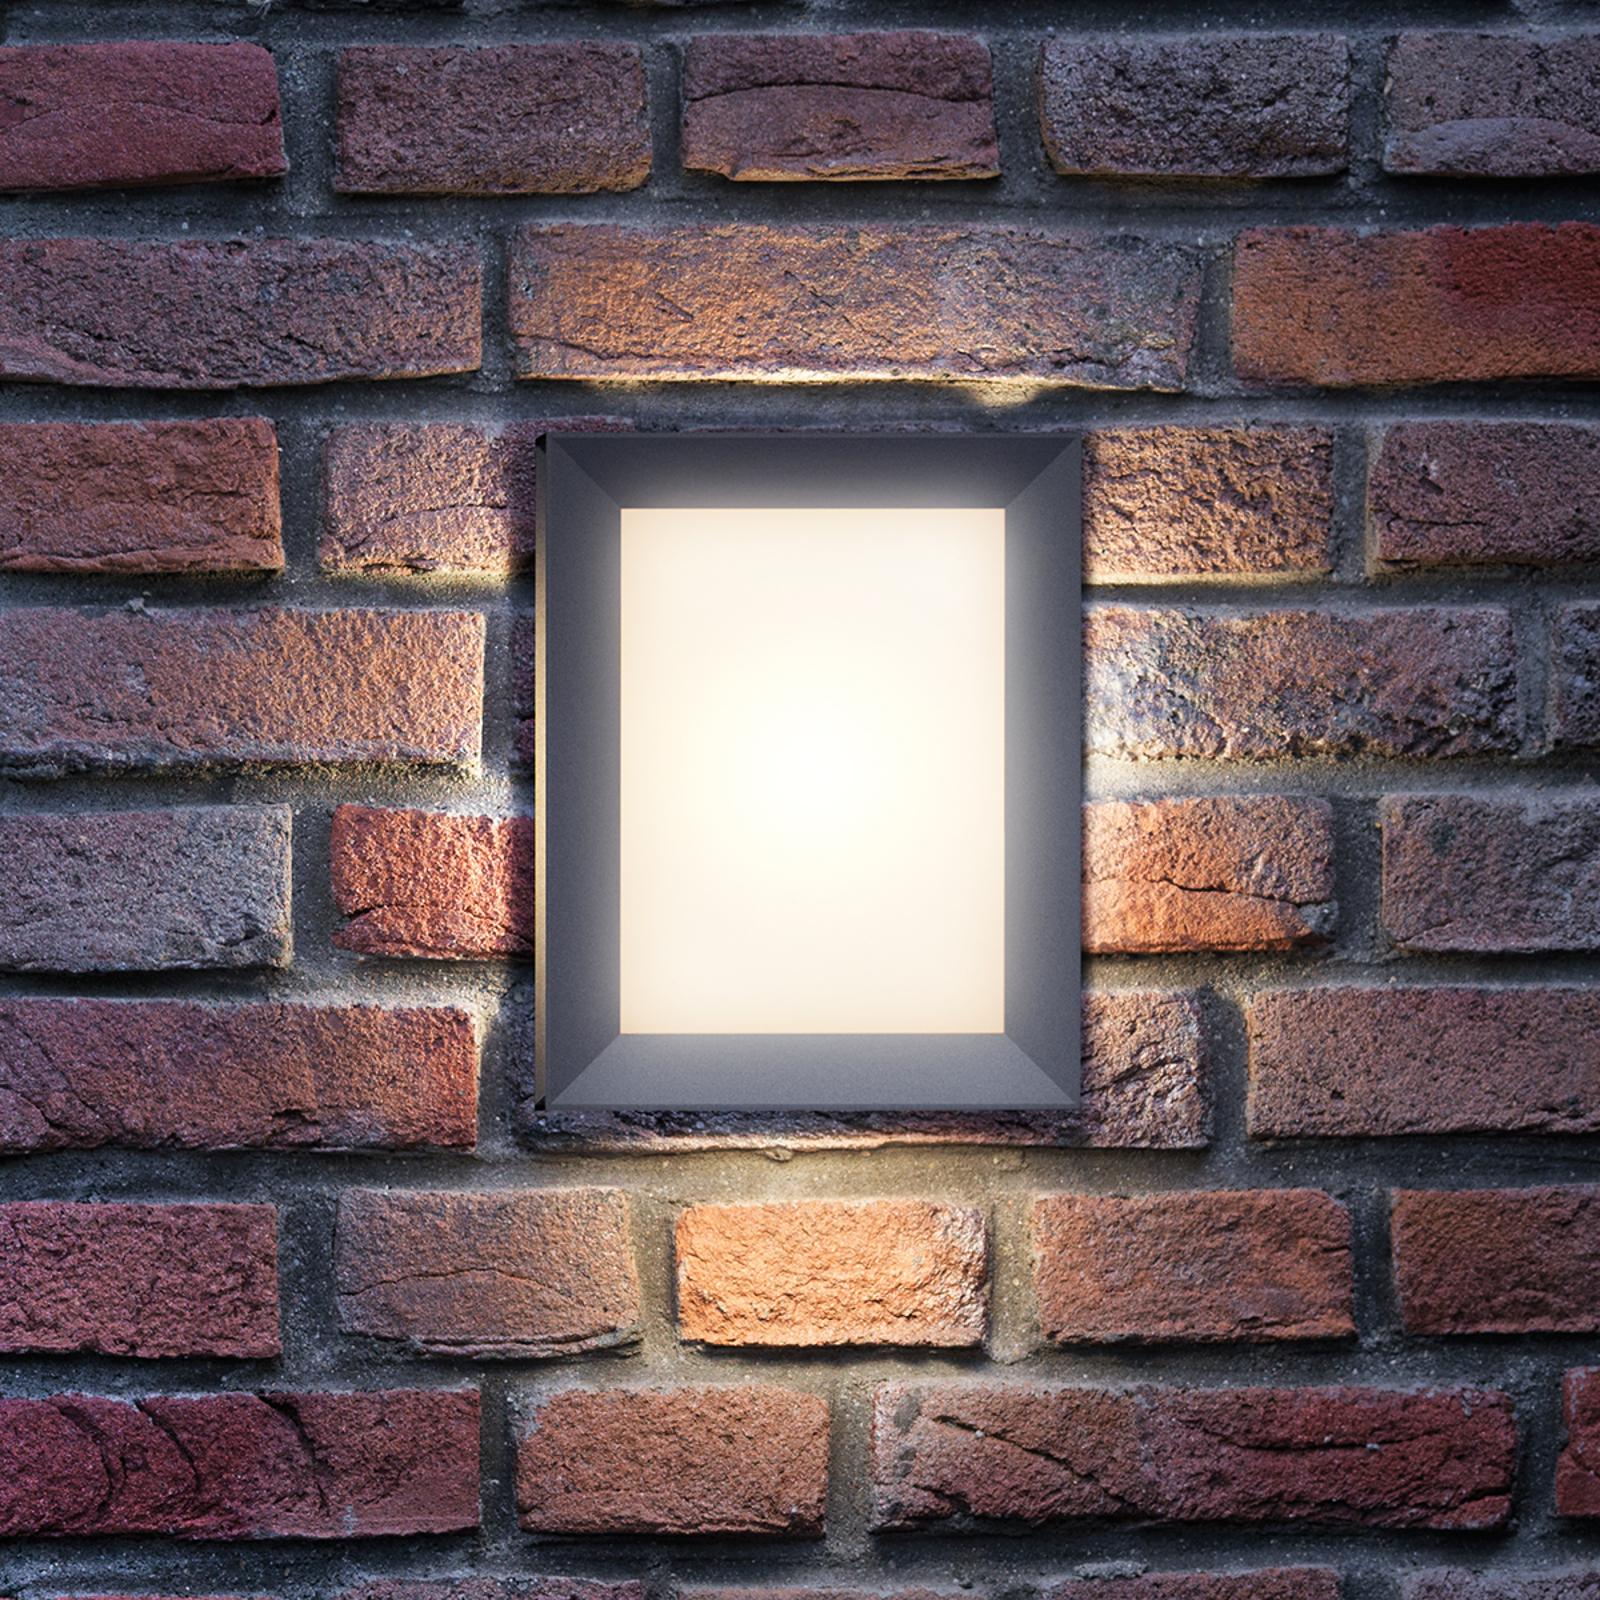 Rechthoekige outdoor wandlamp Karp met LED licht